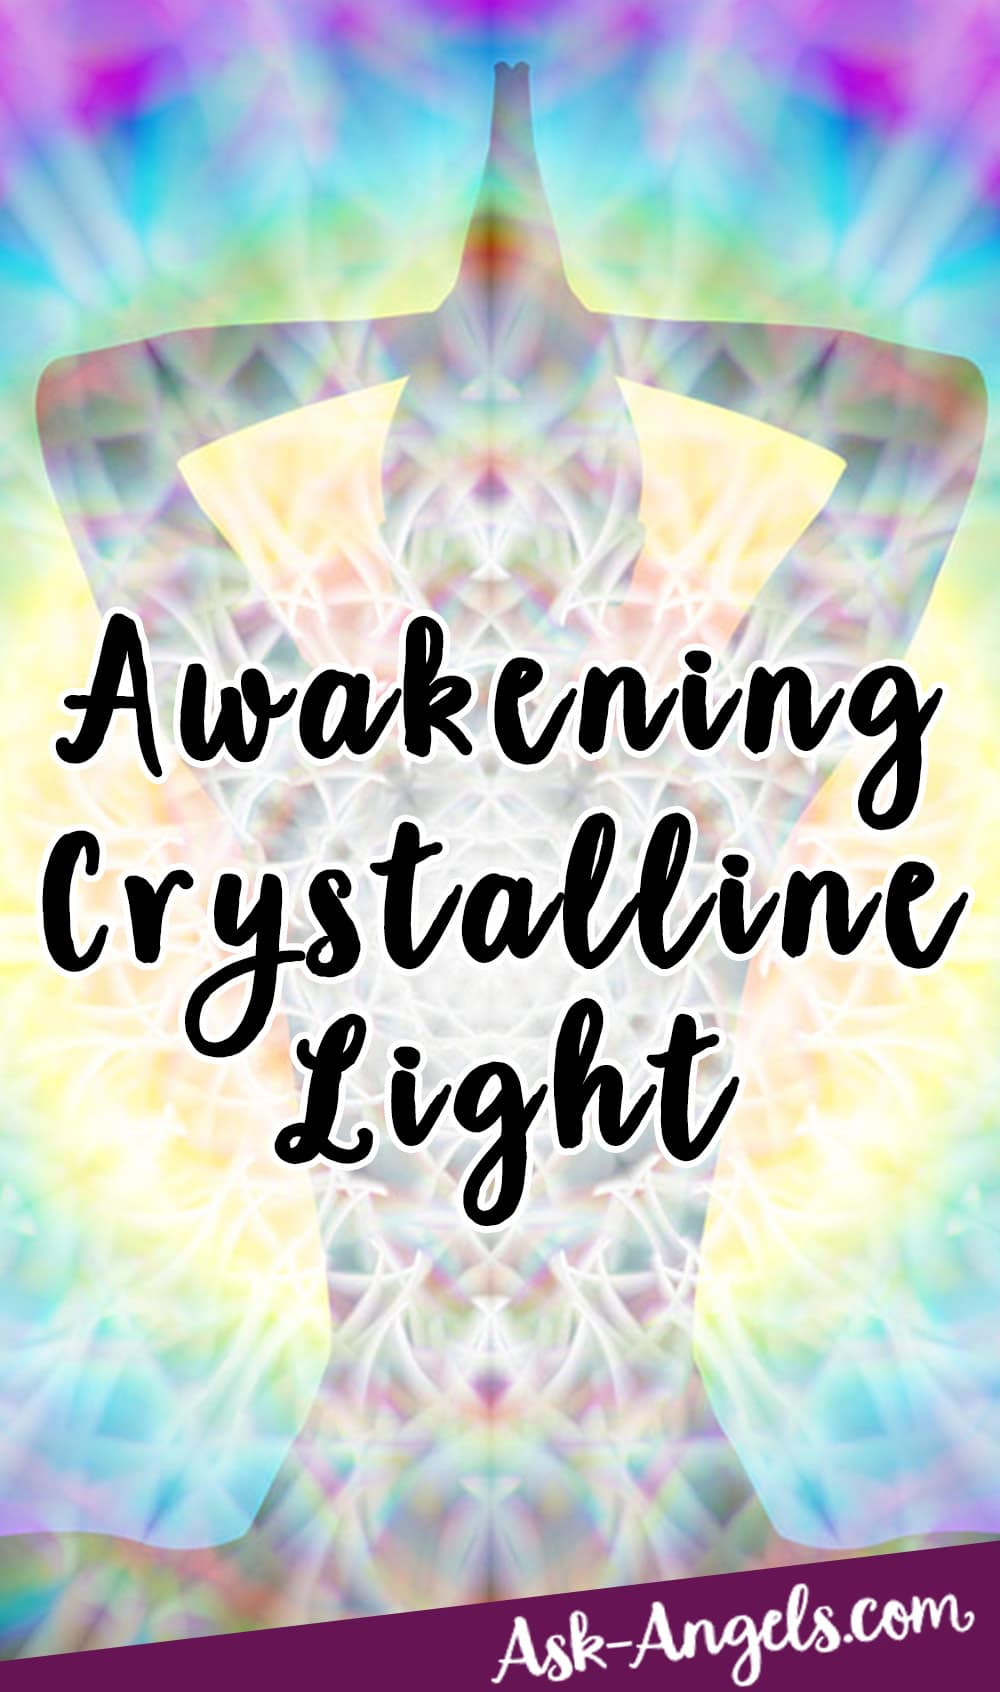 Éveil de la lumière cristalline